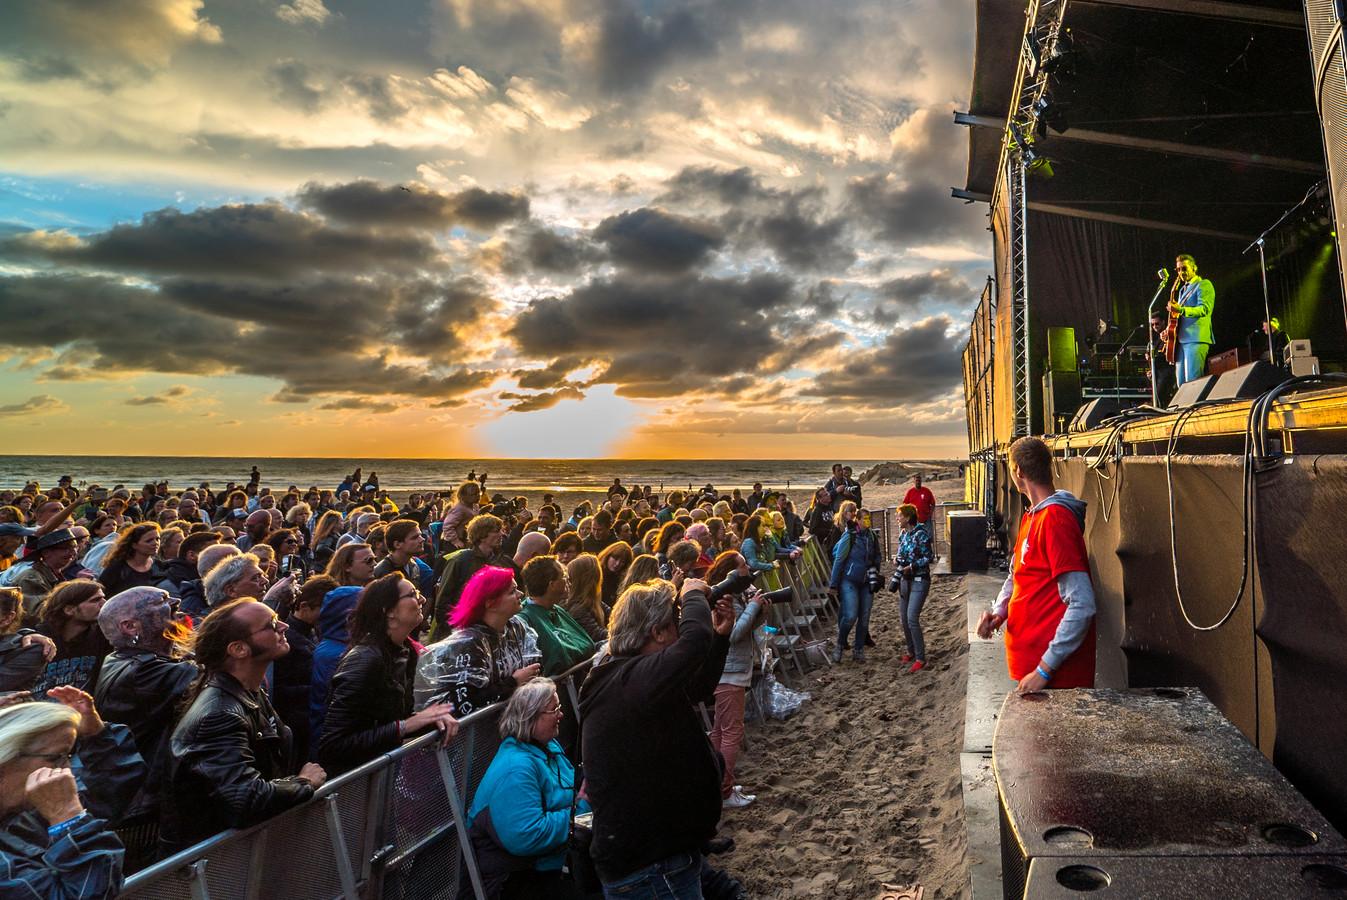 Schollenpop - Danny Vera.  Danny Vera op Schollenpop 2017, hij komt dit jaar naar Live at the Beach in september, als dat ten minste wel mag doorgaan.